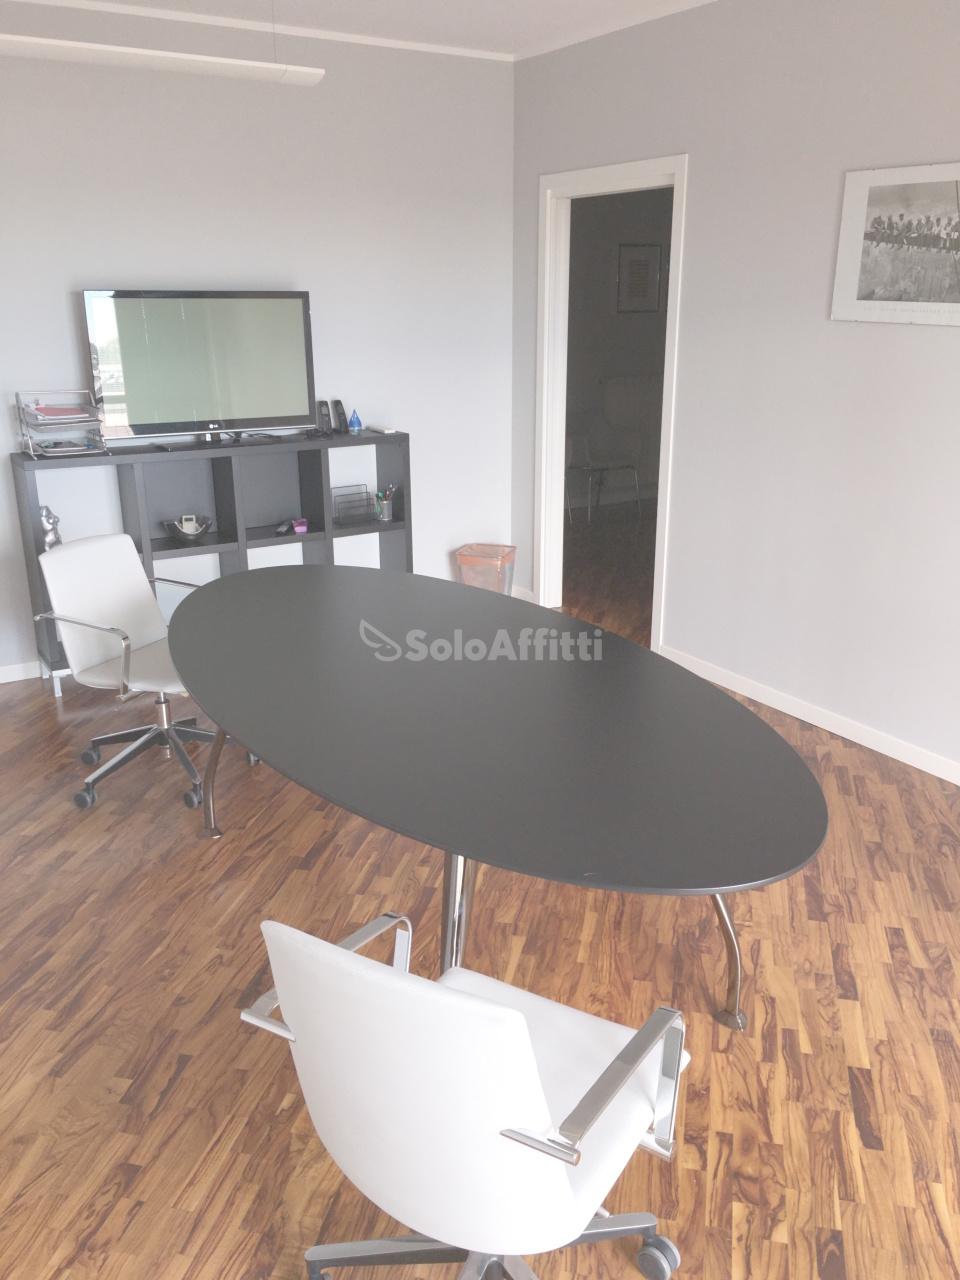 Ufficio / Studio in affitto a Calusco d'Adda, 2 locali, Trattative riservate | PortaleAgenzieImmobiliari.it